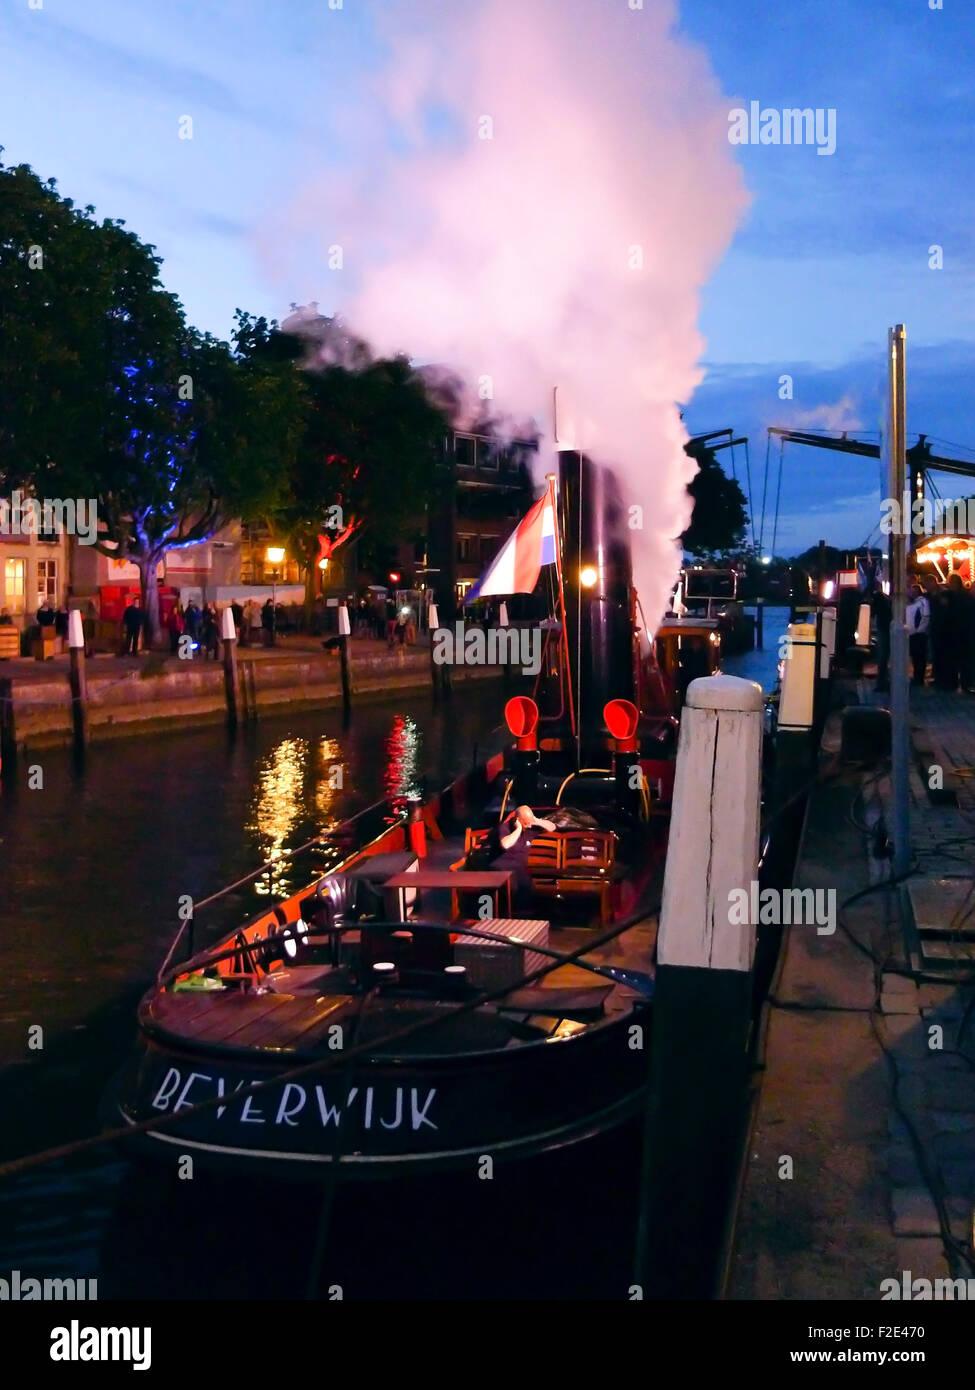 DORDRECHT, NETHERLANDS - JUNE 2 2012: Dordrecht in Steam, the largest steam power event in Europe. Steamboat Beverwijk - Stock Image